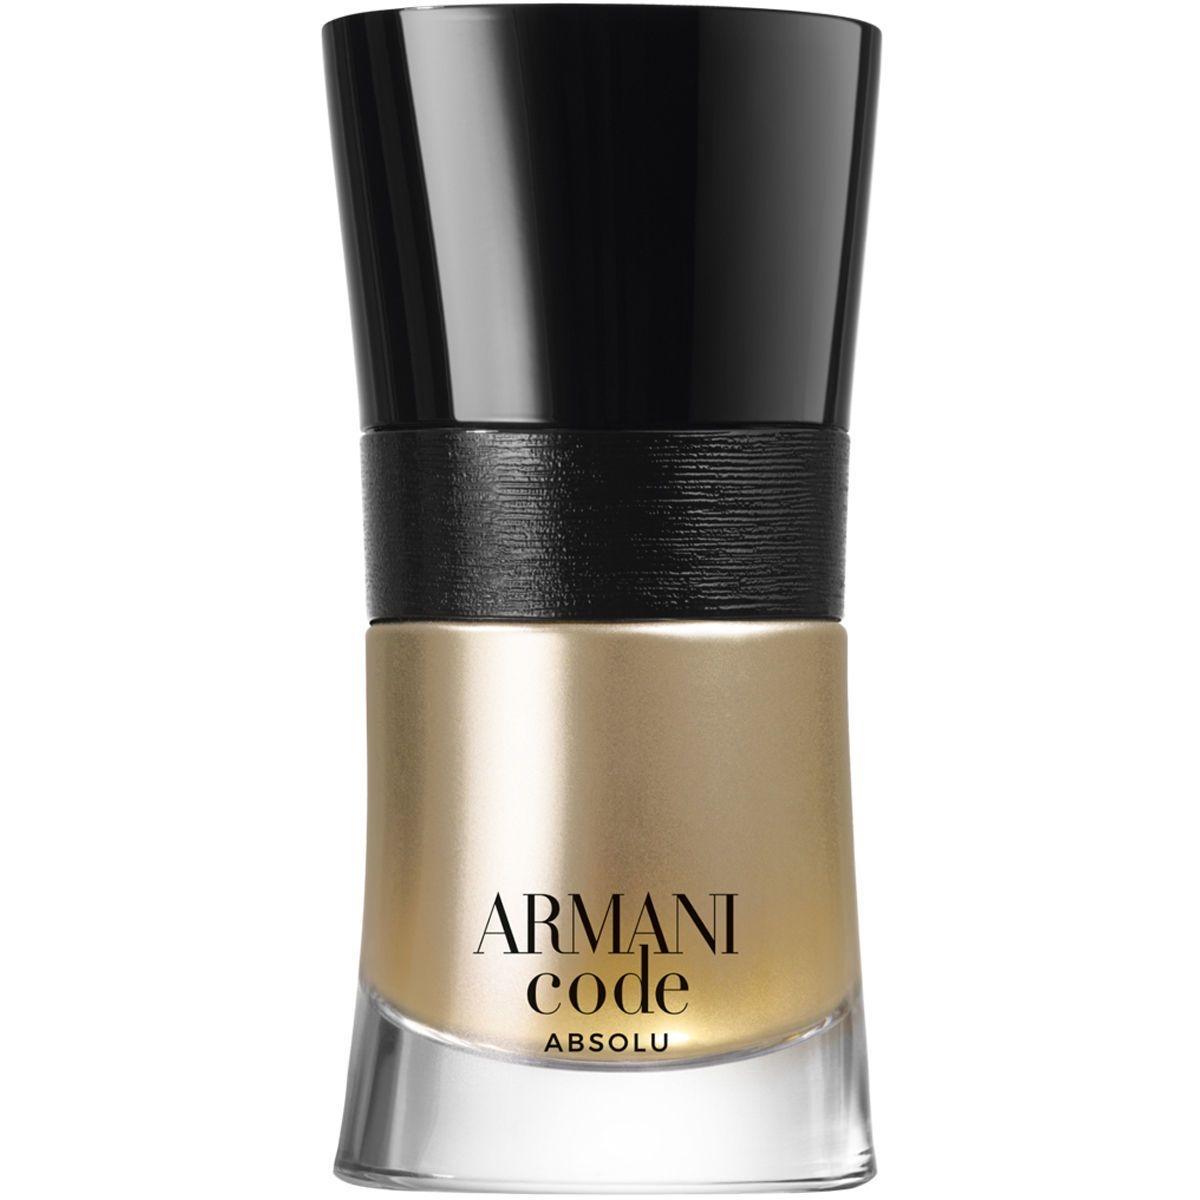 Armani Code Absolu (M) edp 30ml